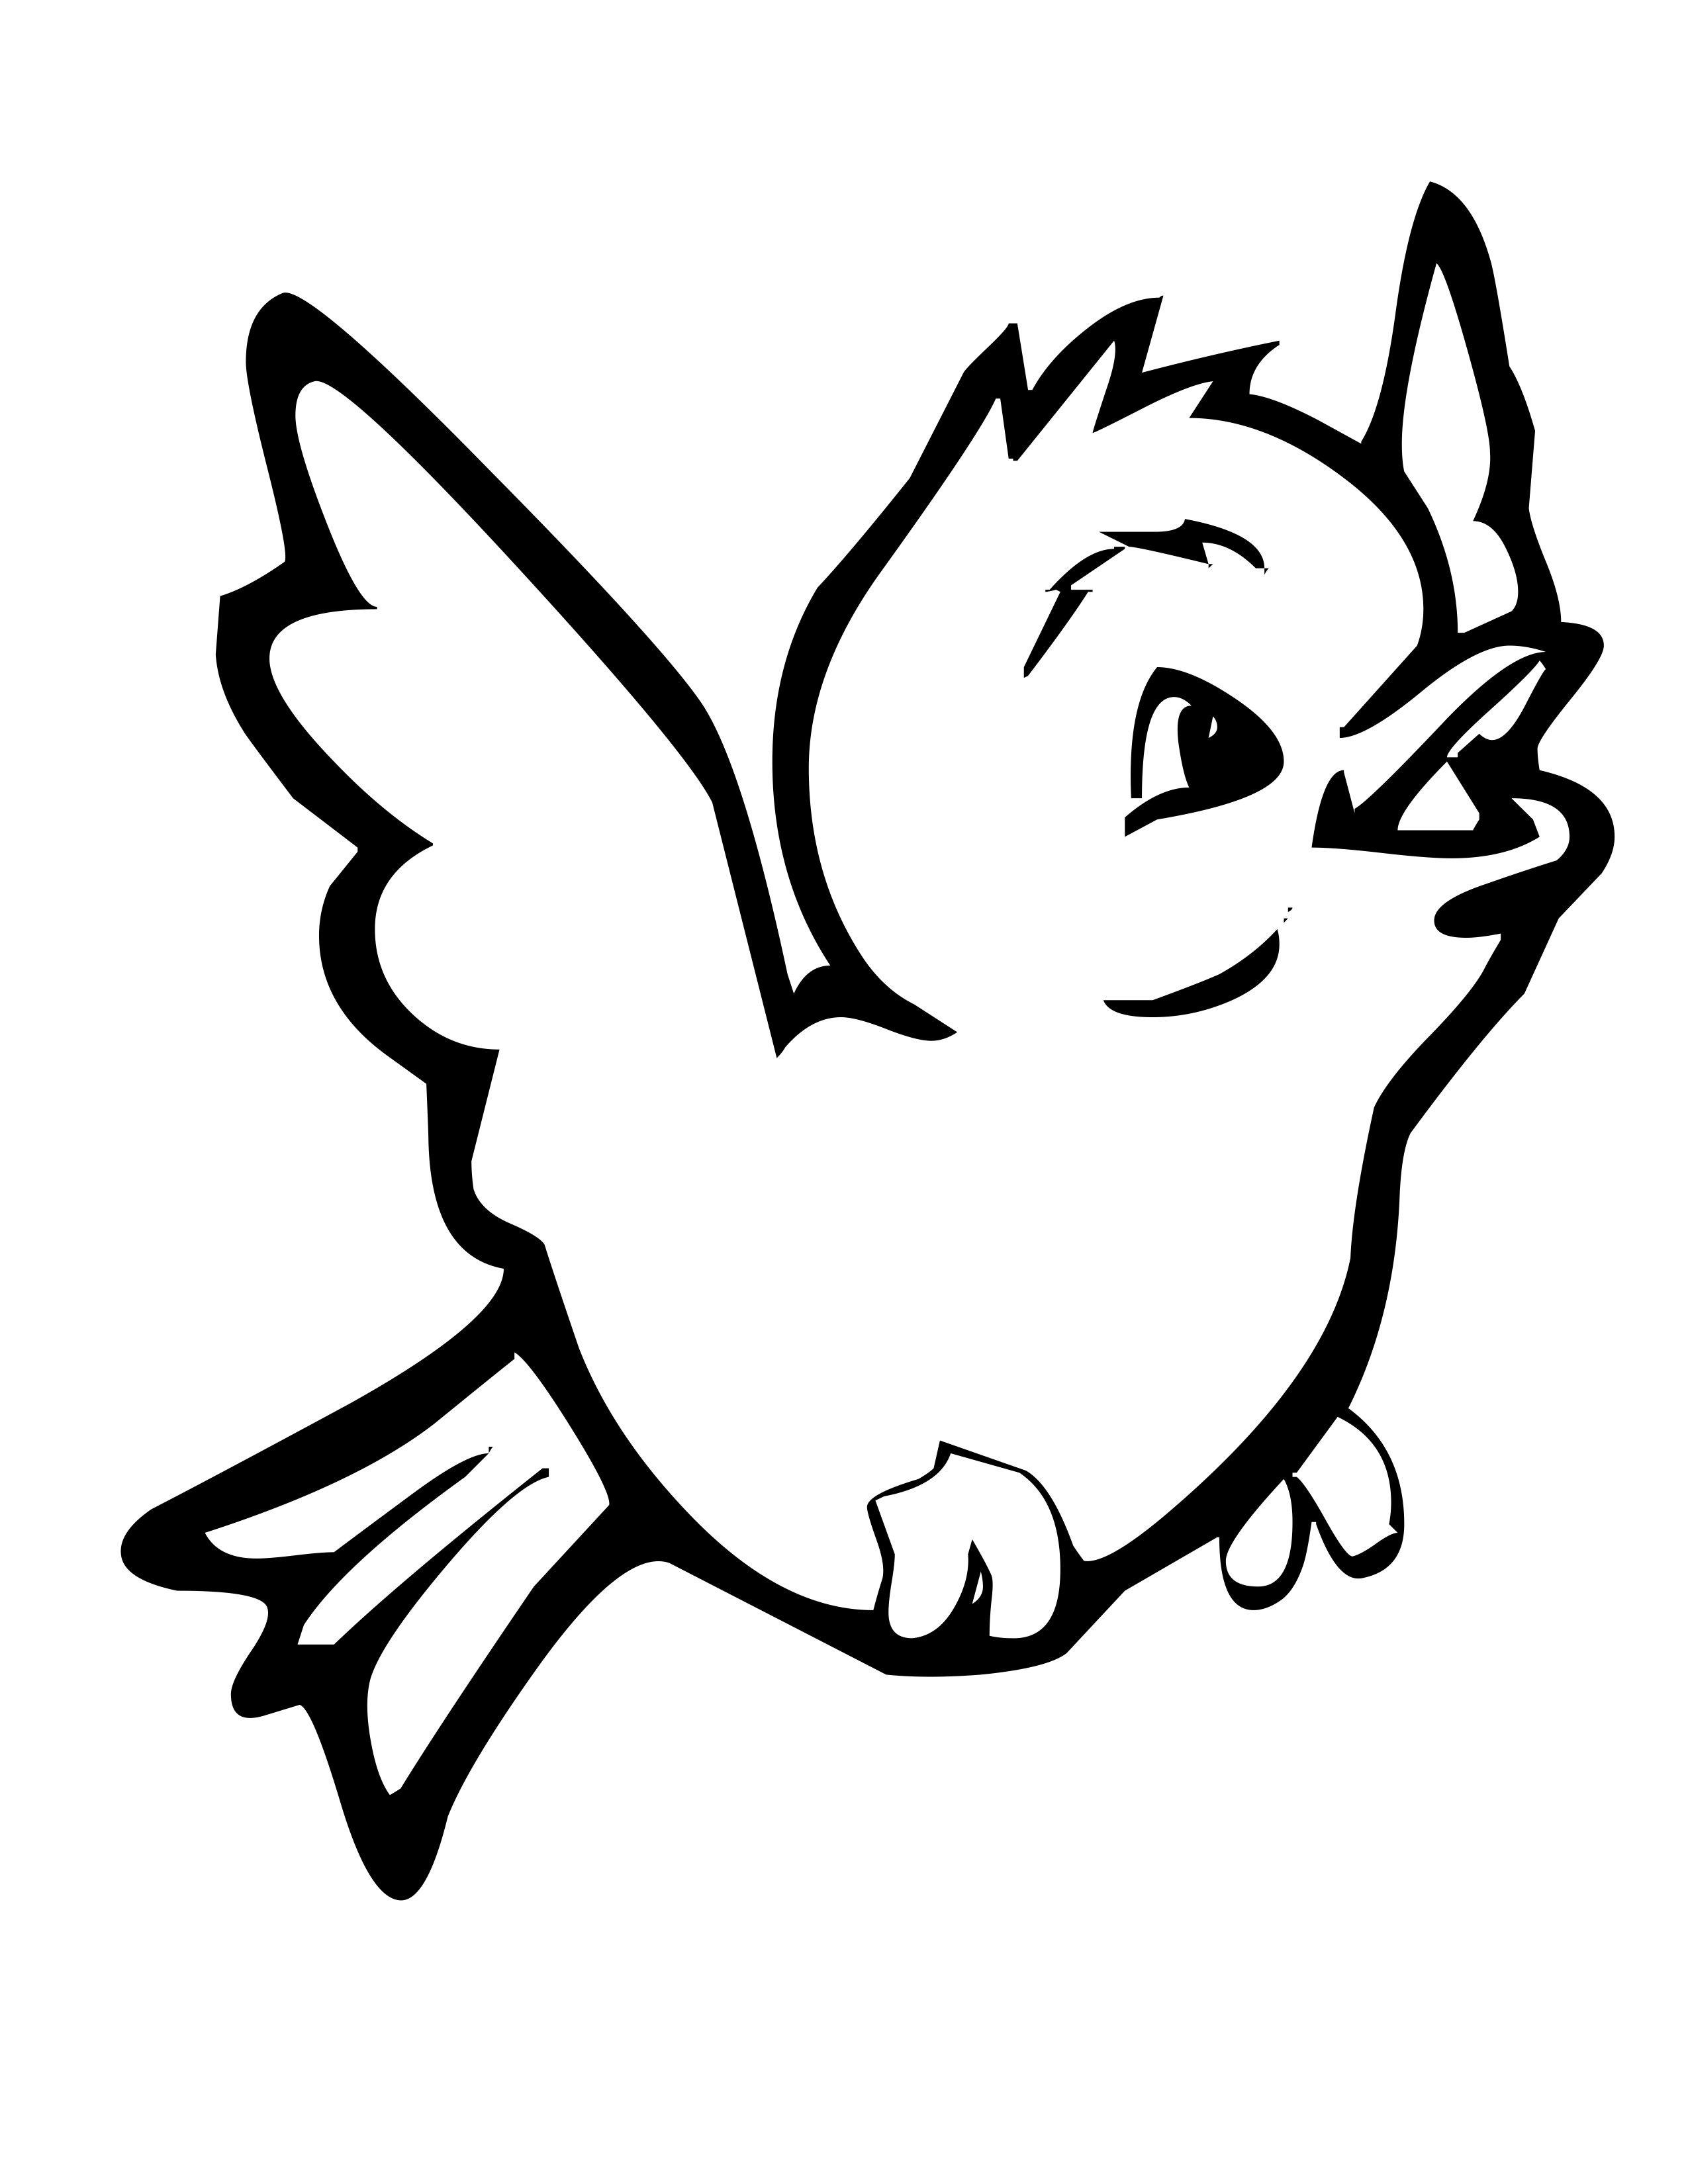 Tranh tô màu con chim đơn giản